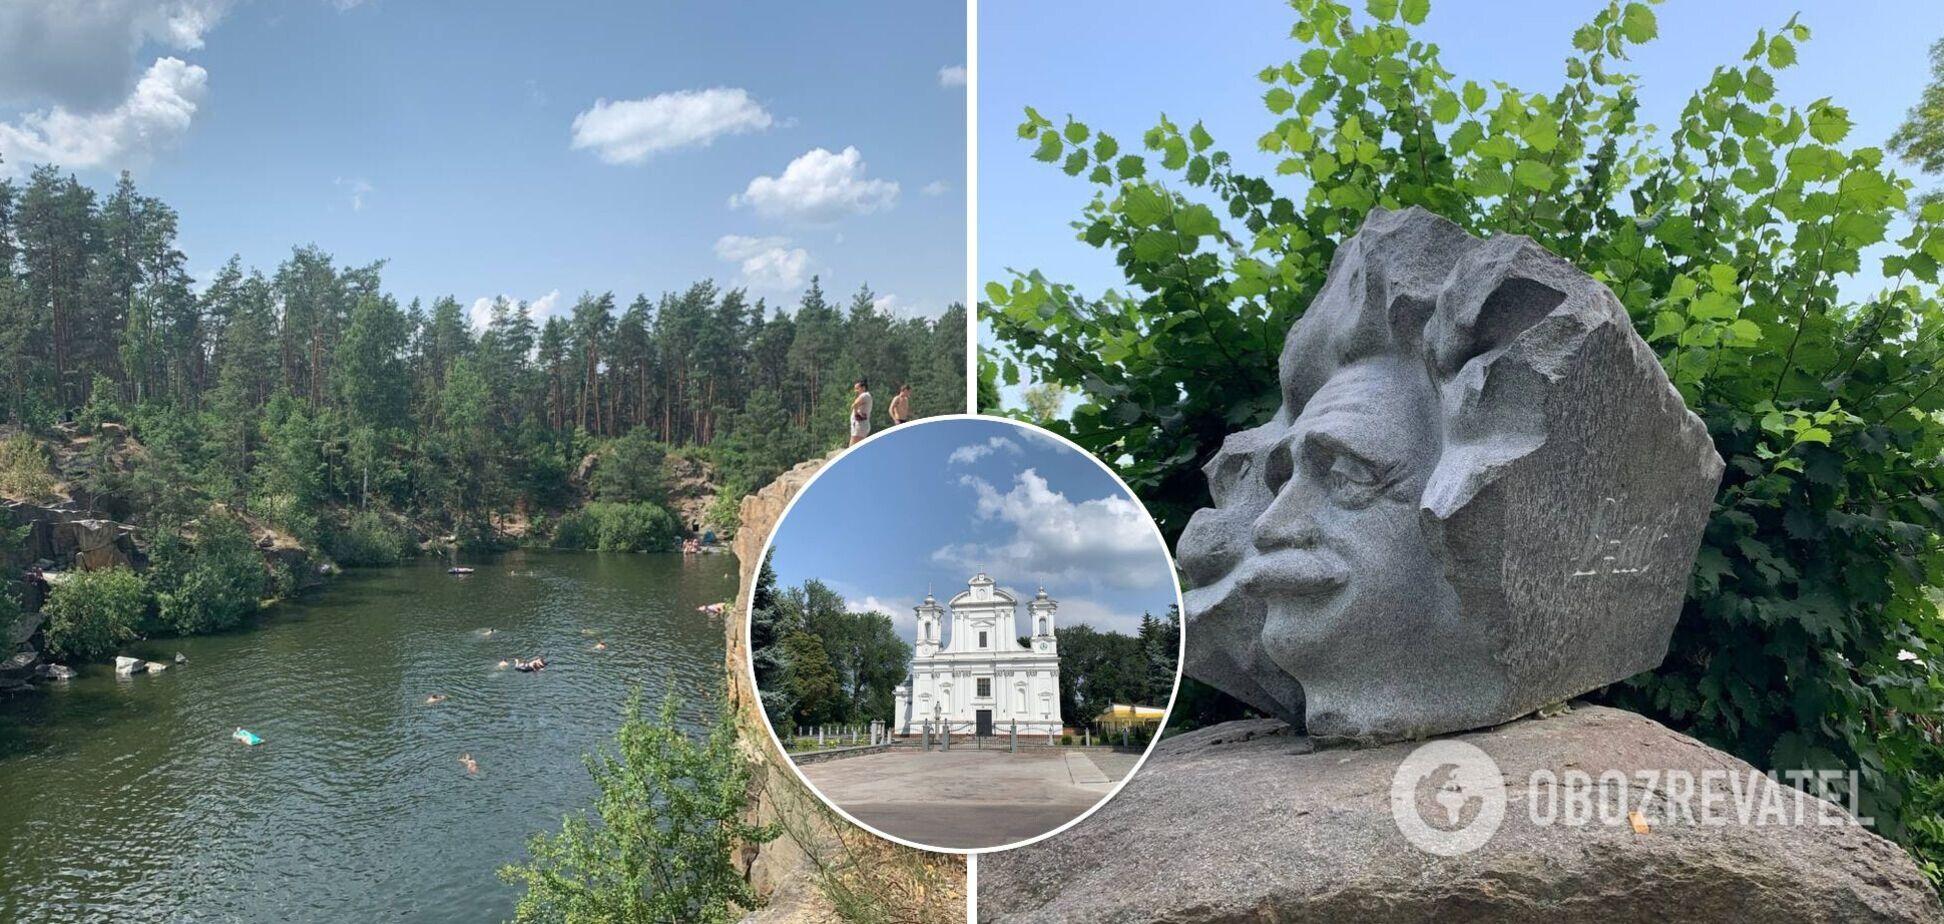 Каньйон, як у США, і місто з граніту: чому варто поїхати з Києва на вихідних і відпочити в Коростишеві. Фото